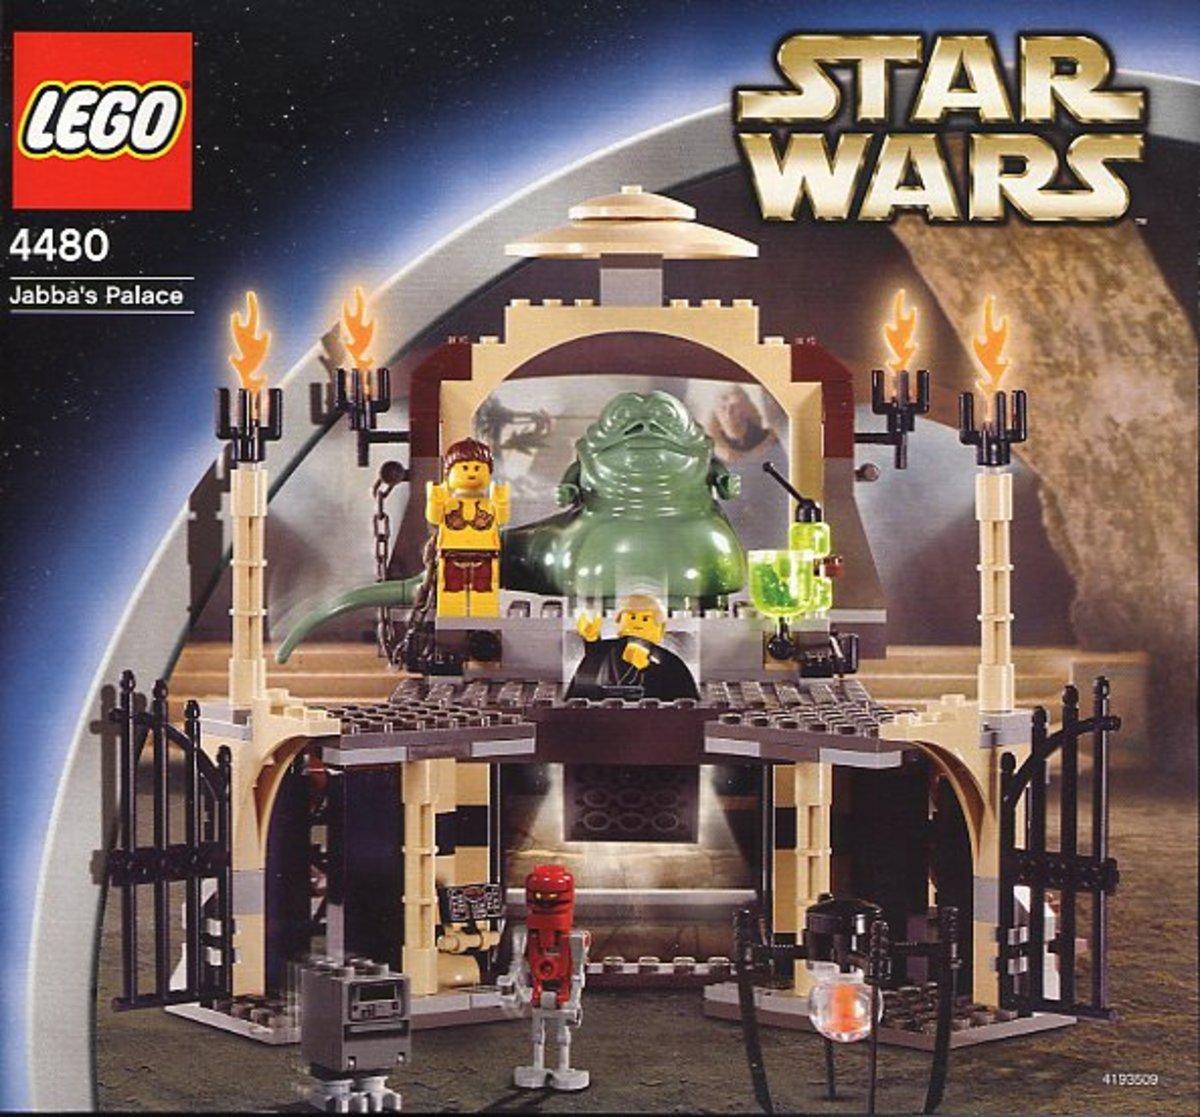 LEGO Star Wars Jabba's Palace 4480 Box